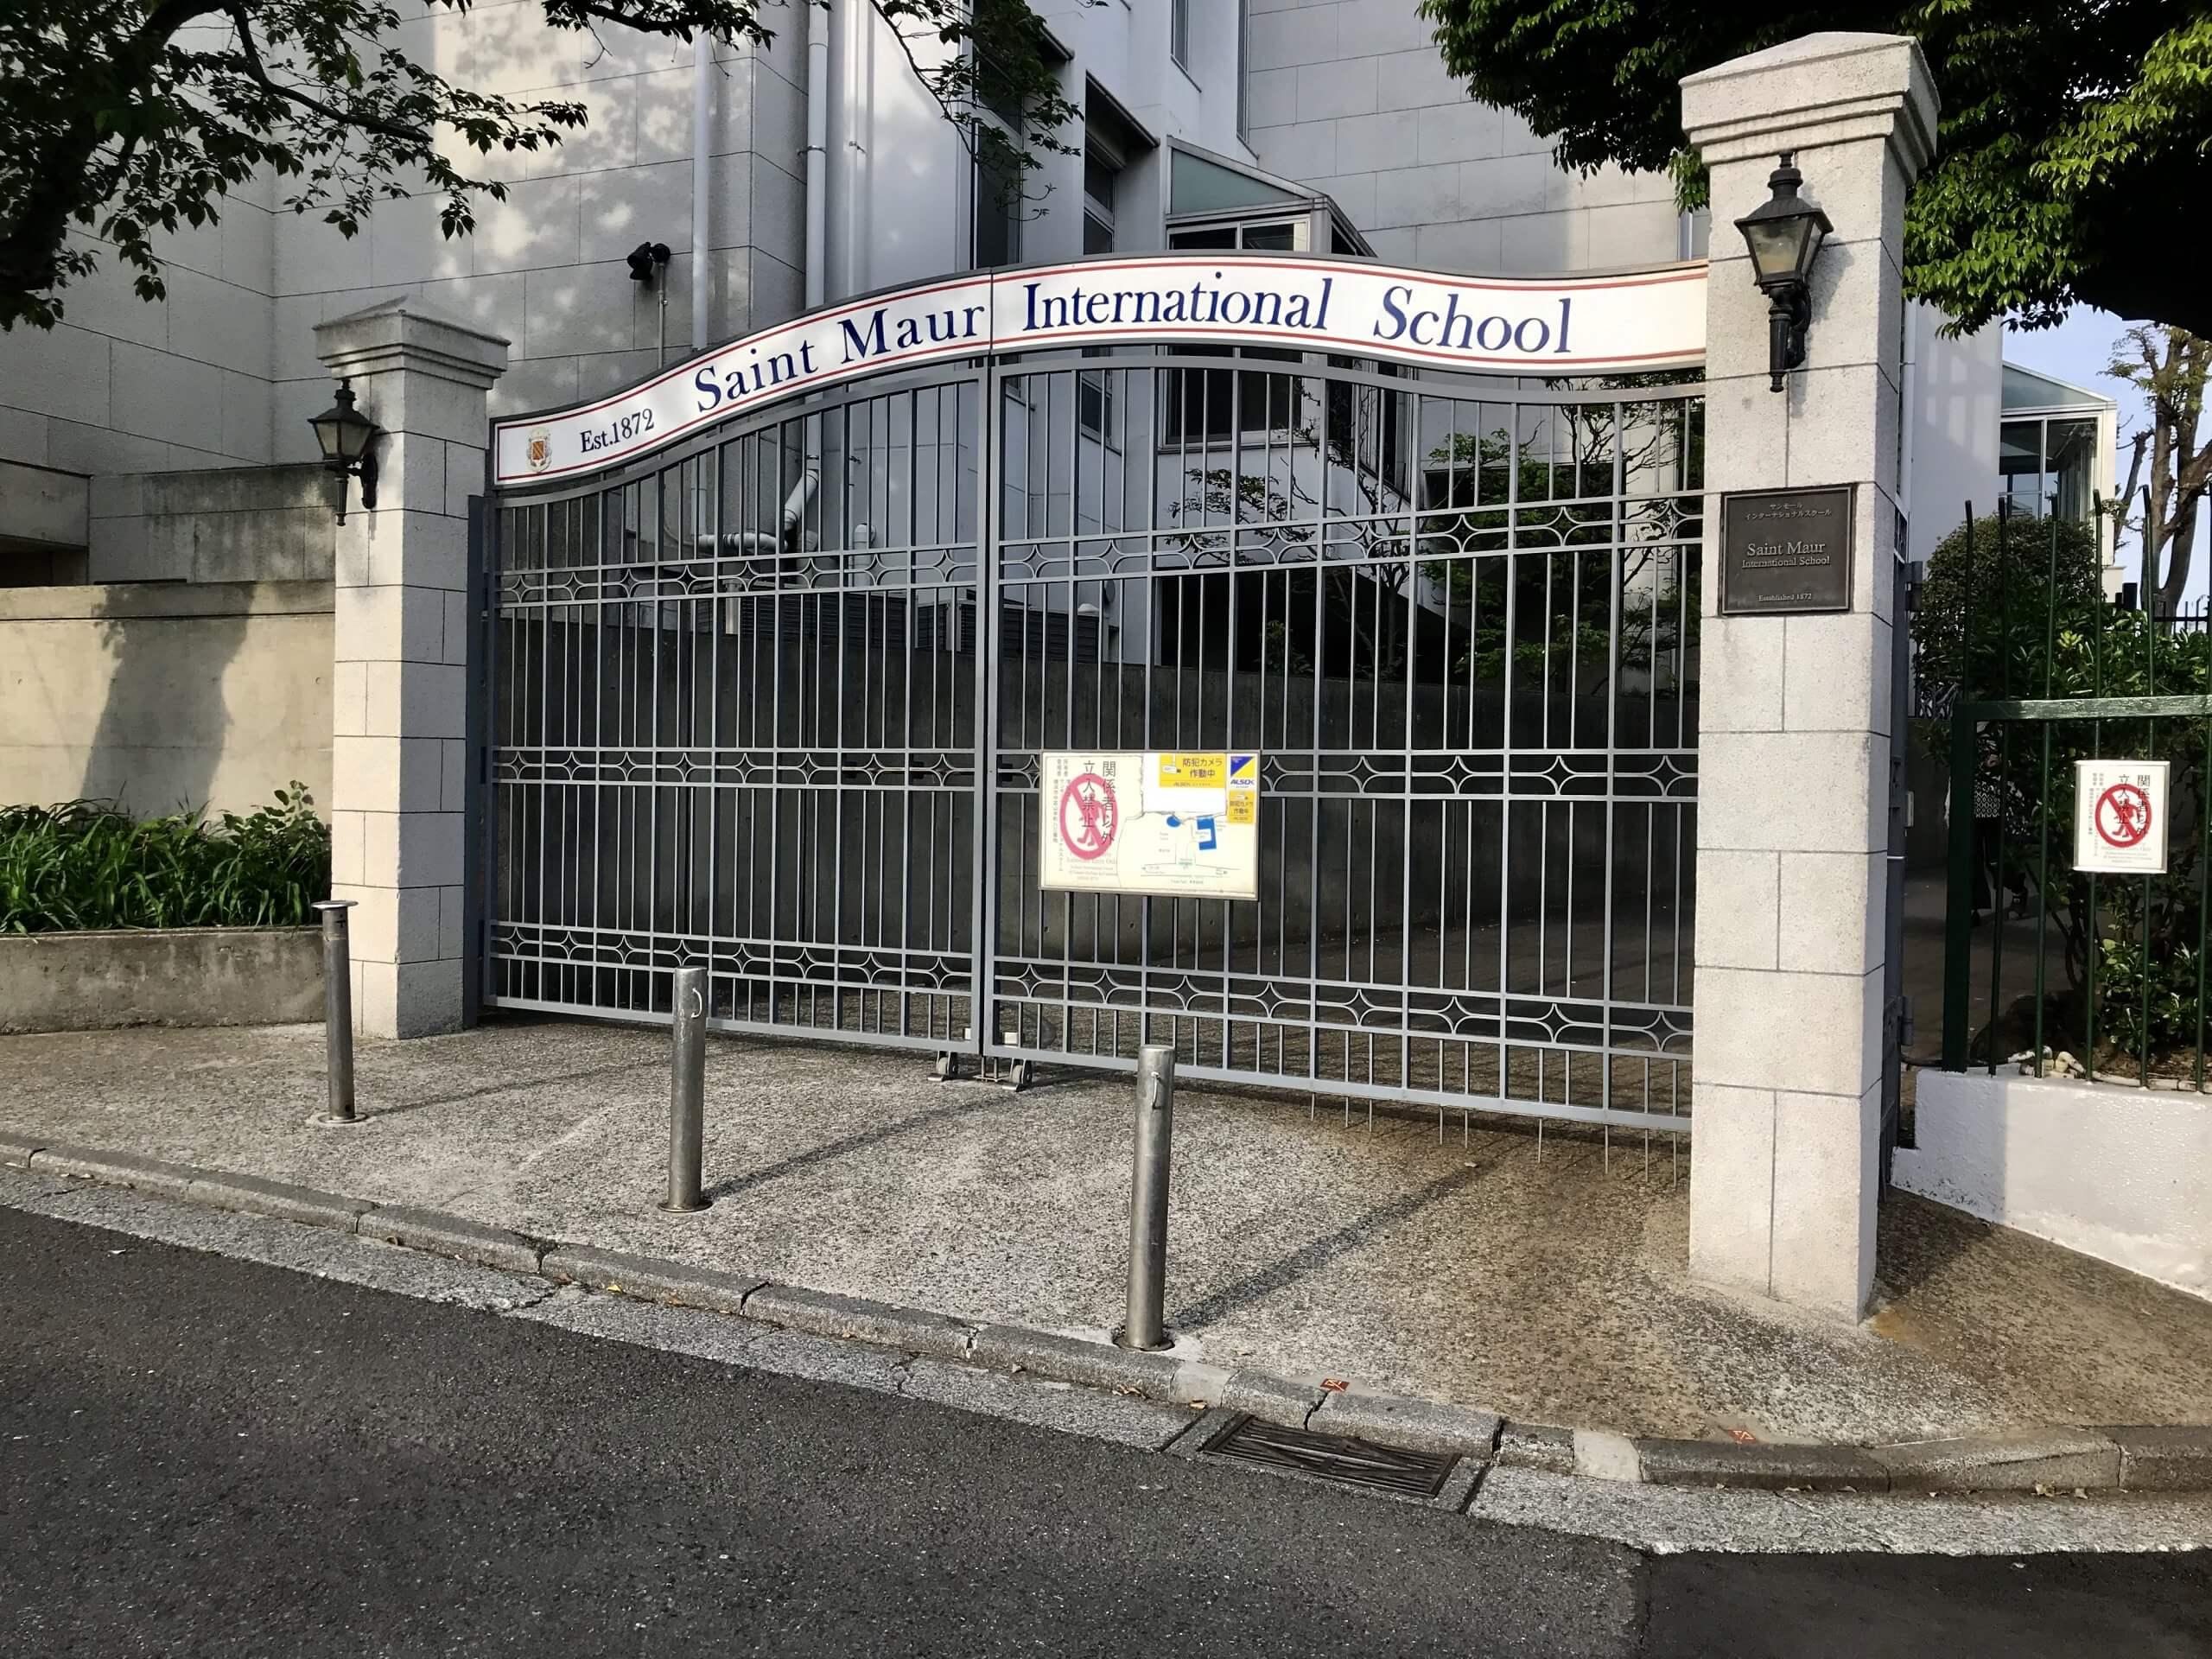 横滨圣莫尔国际学校 St Maur International School-日本SAT考场测评